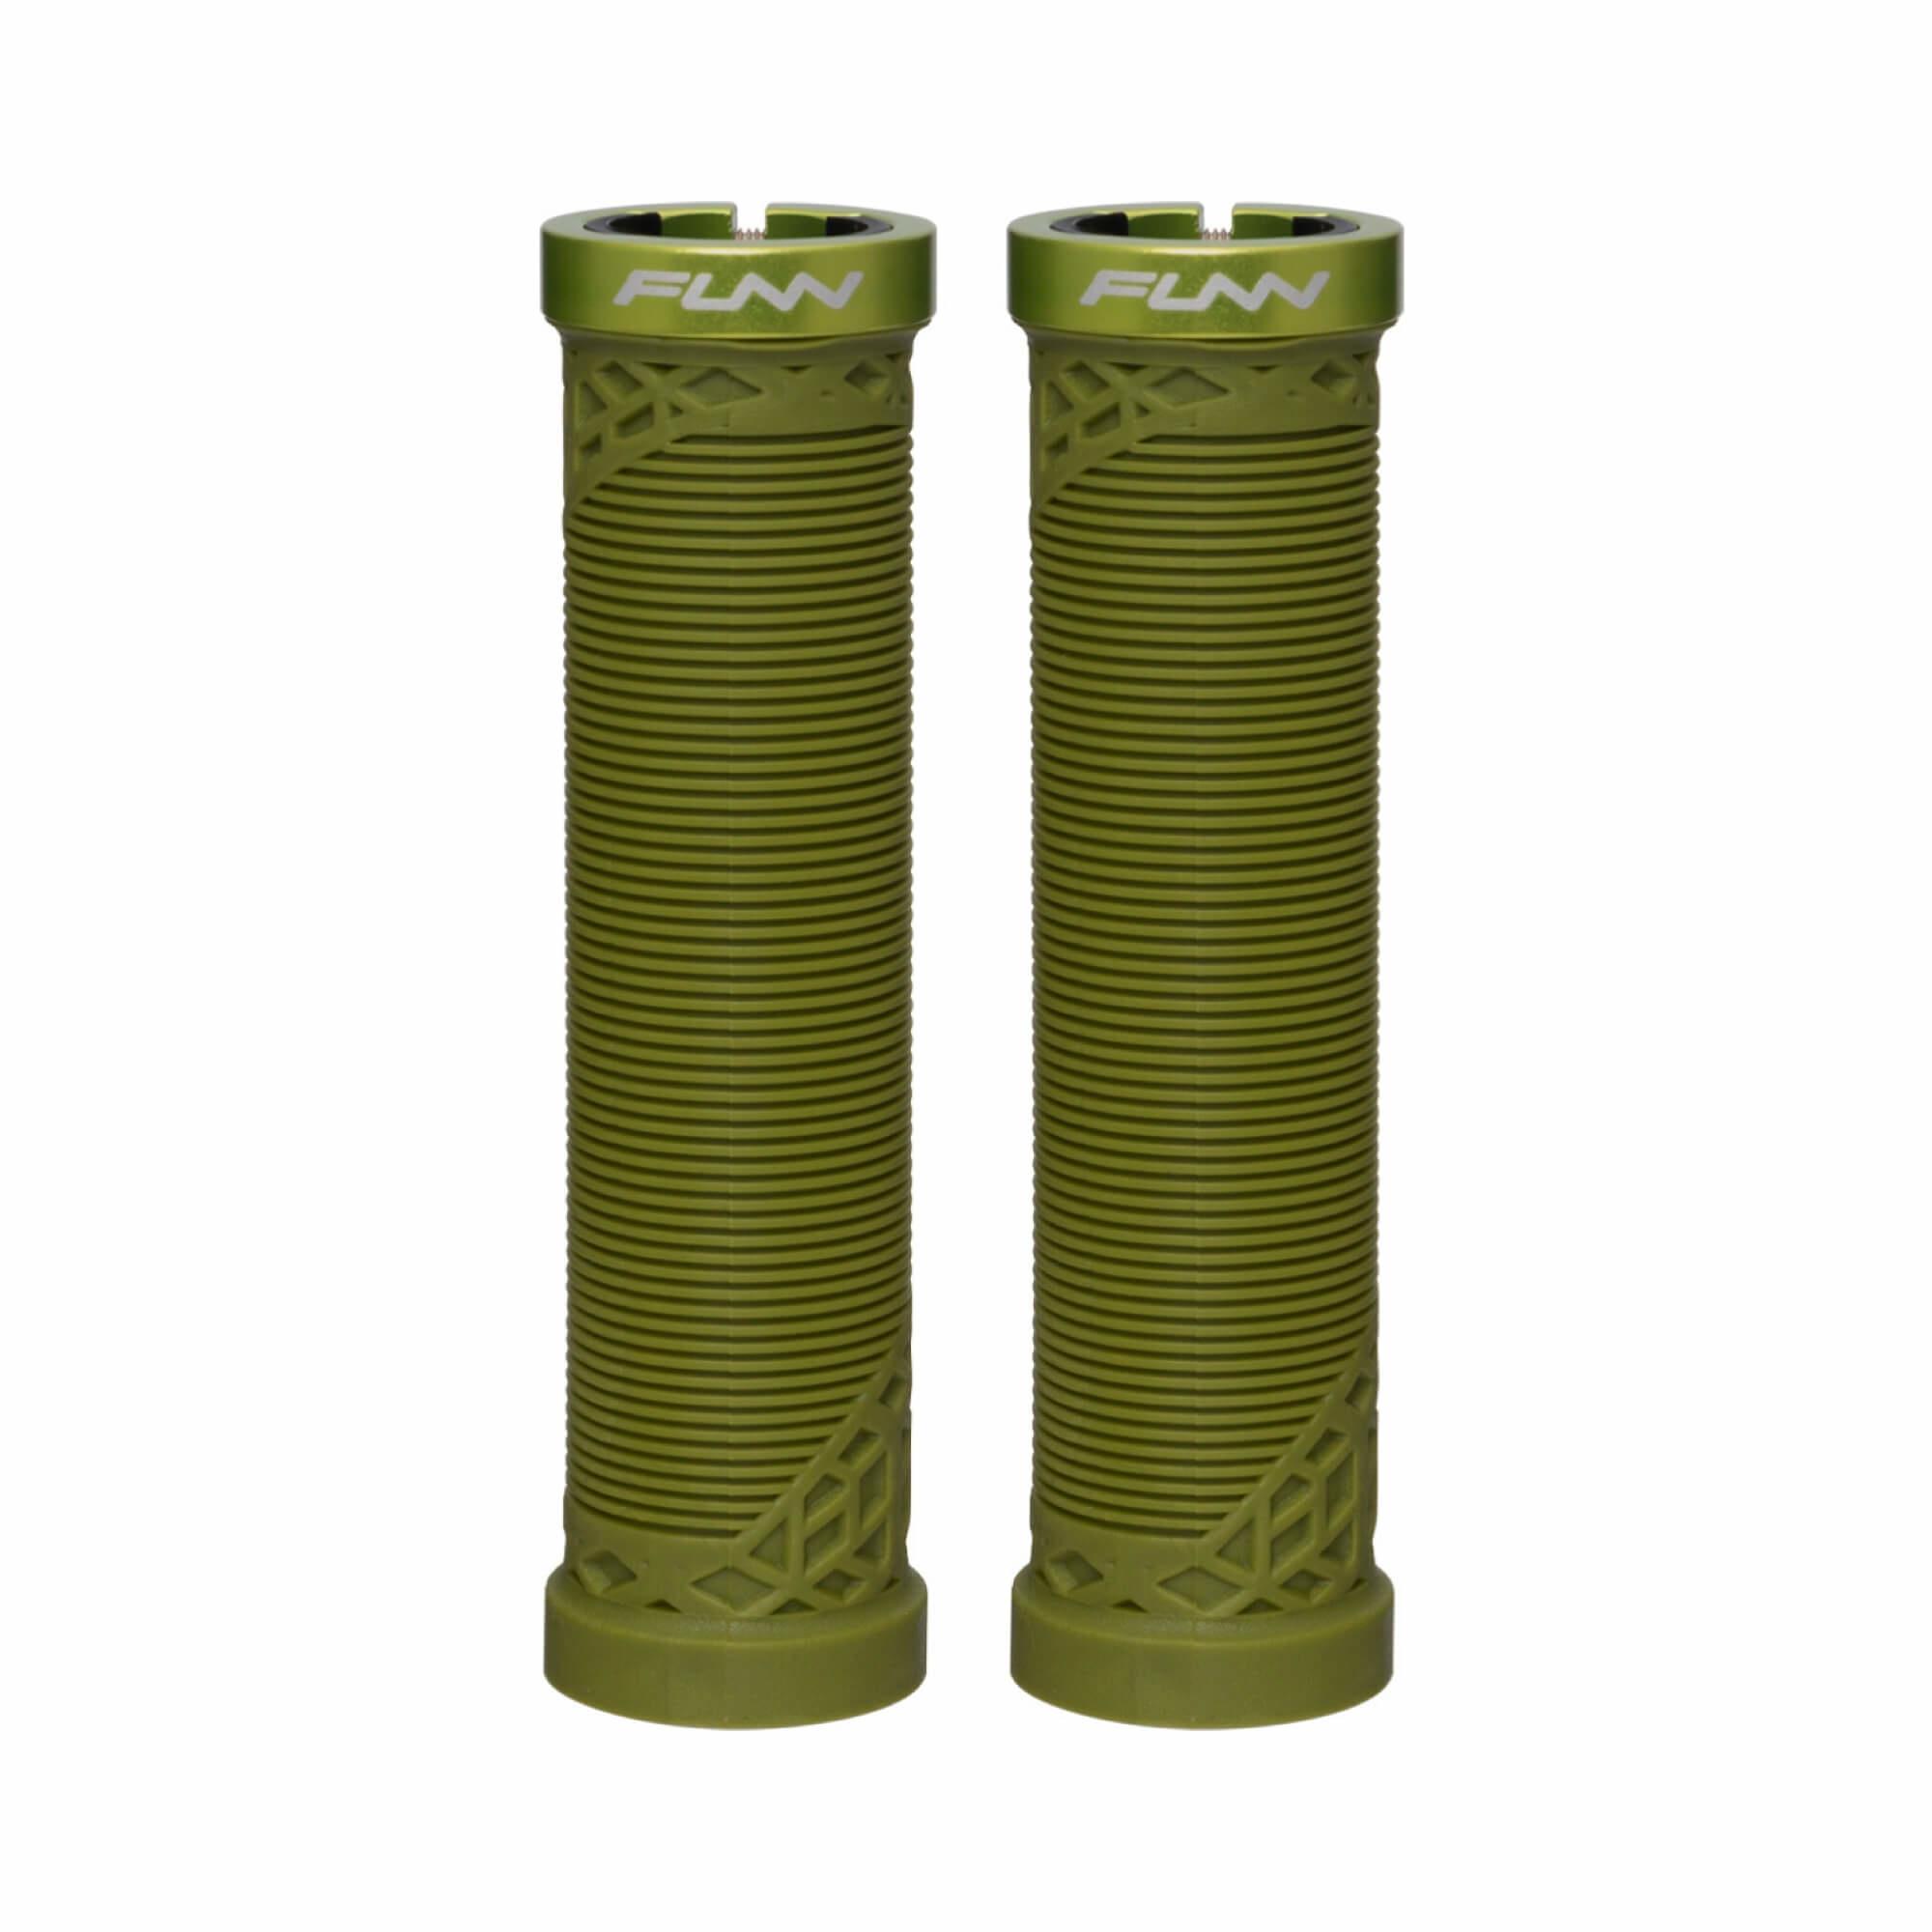 Hilt Grips 130mm-4